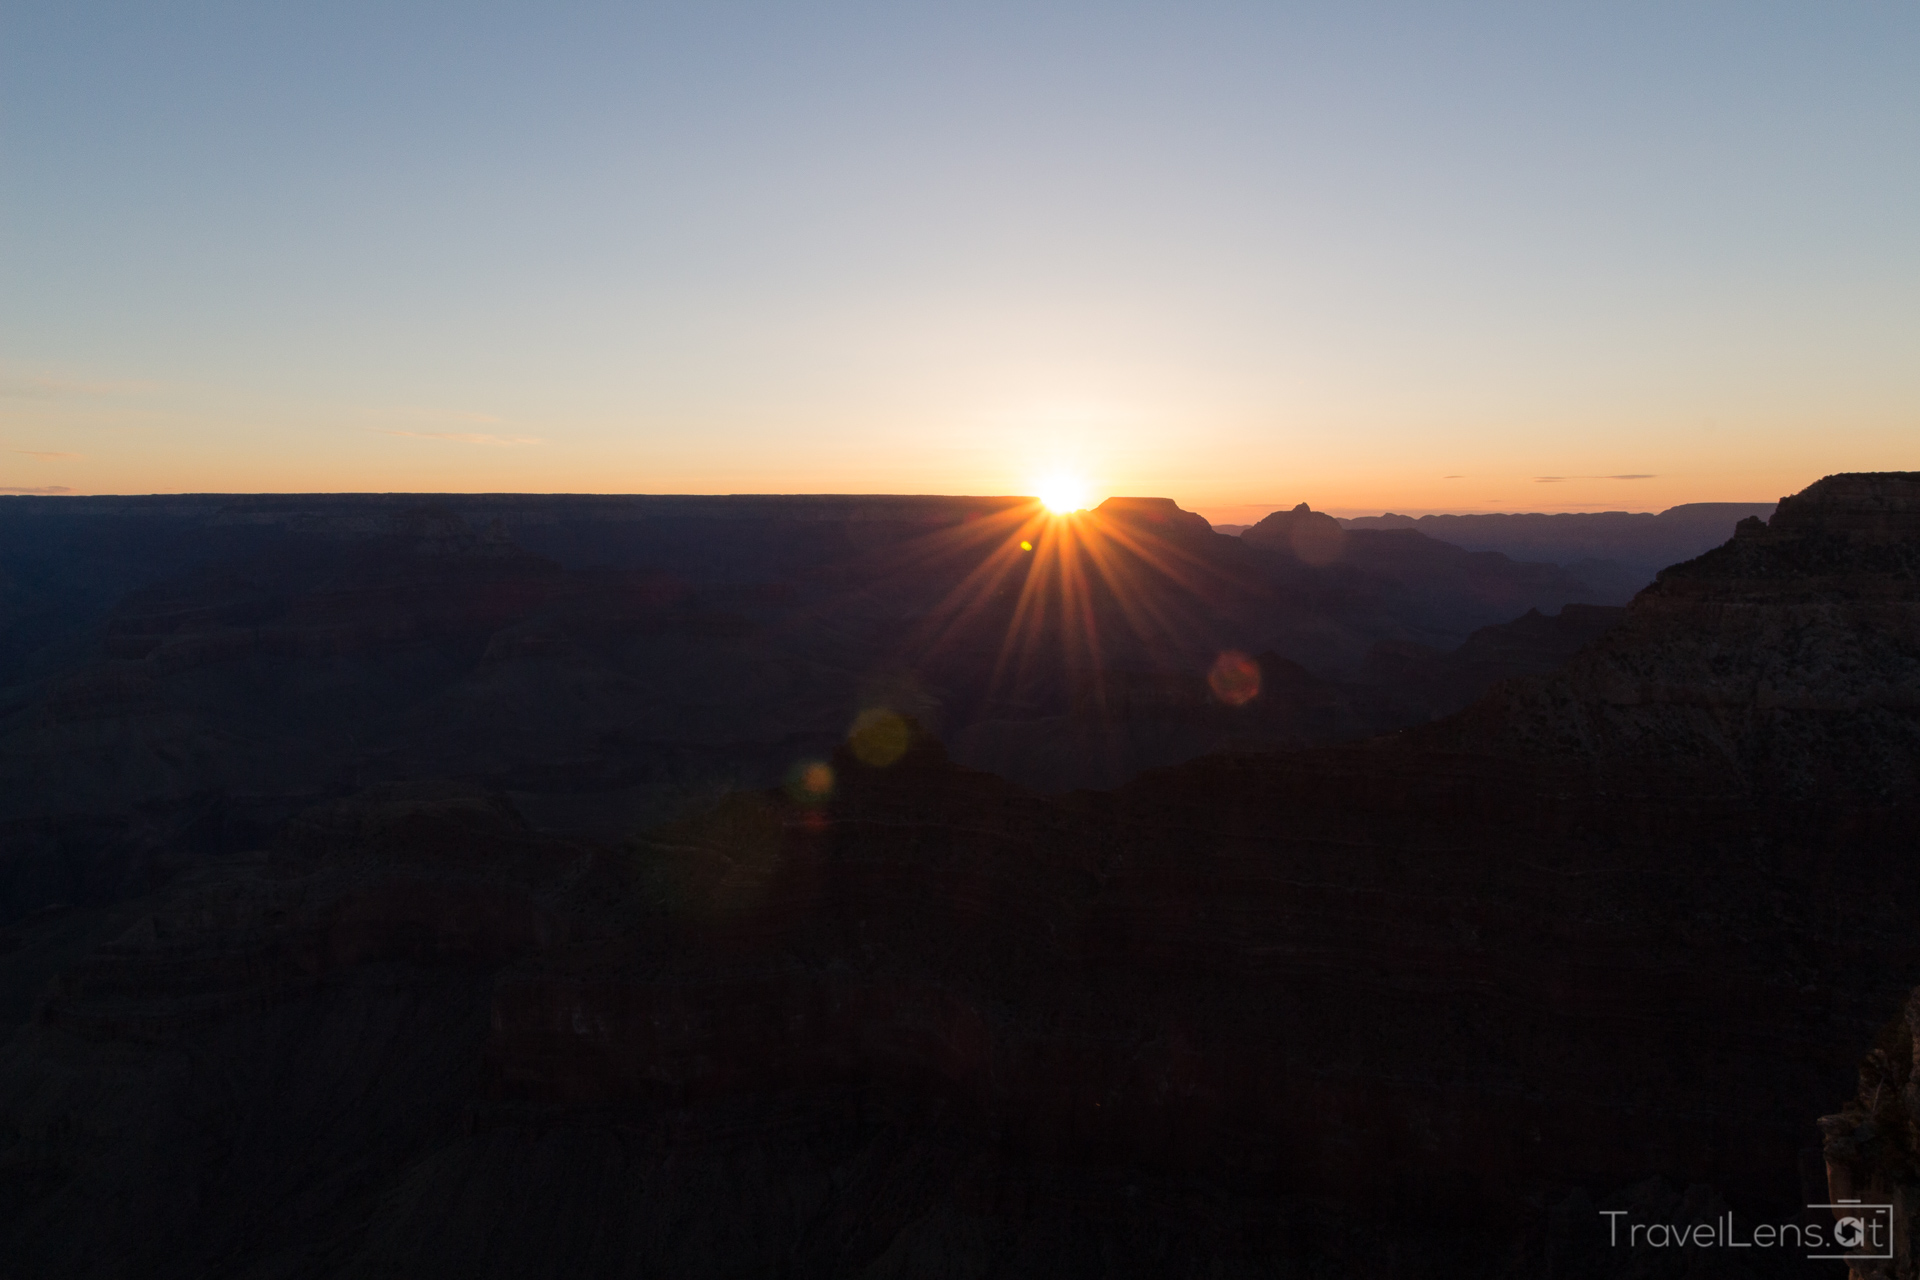 d027da870633c8 Die letzten Sonnenstrahlen tauchen den Grand Canyon in ein wunderschönes  orangenes Licht. Das fehlt beim Sonnenaufgang irgendwie.